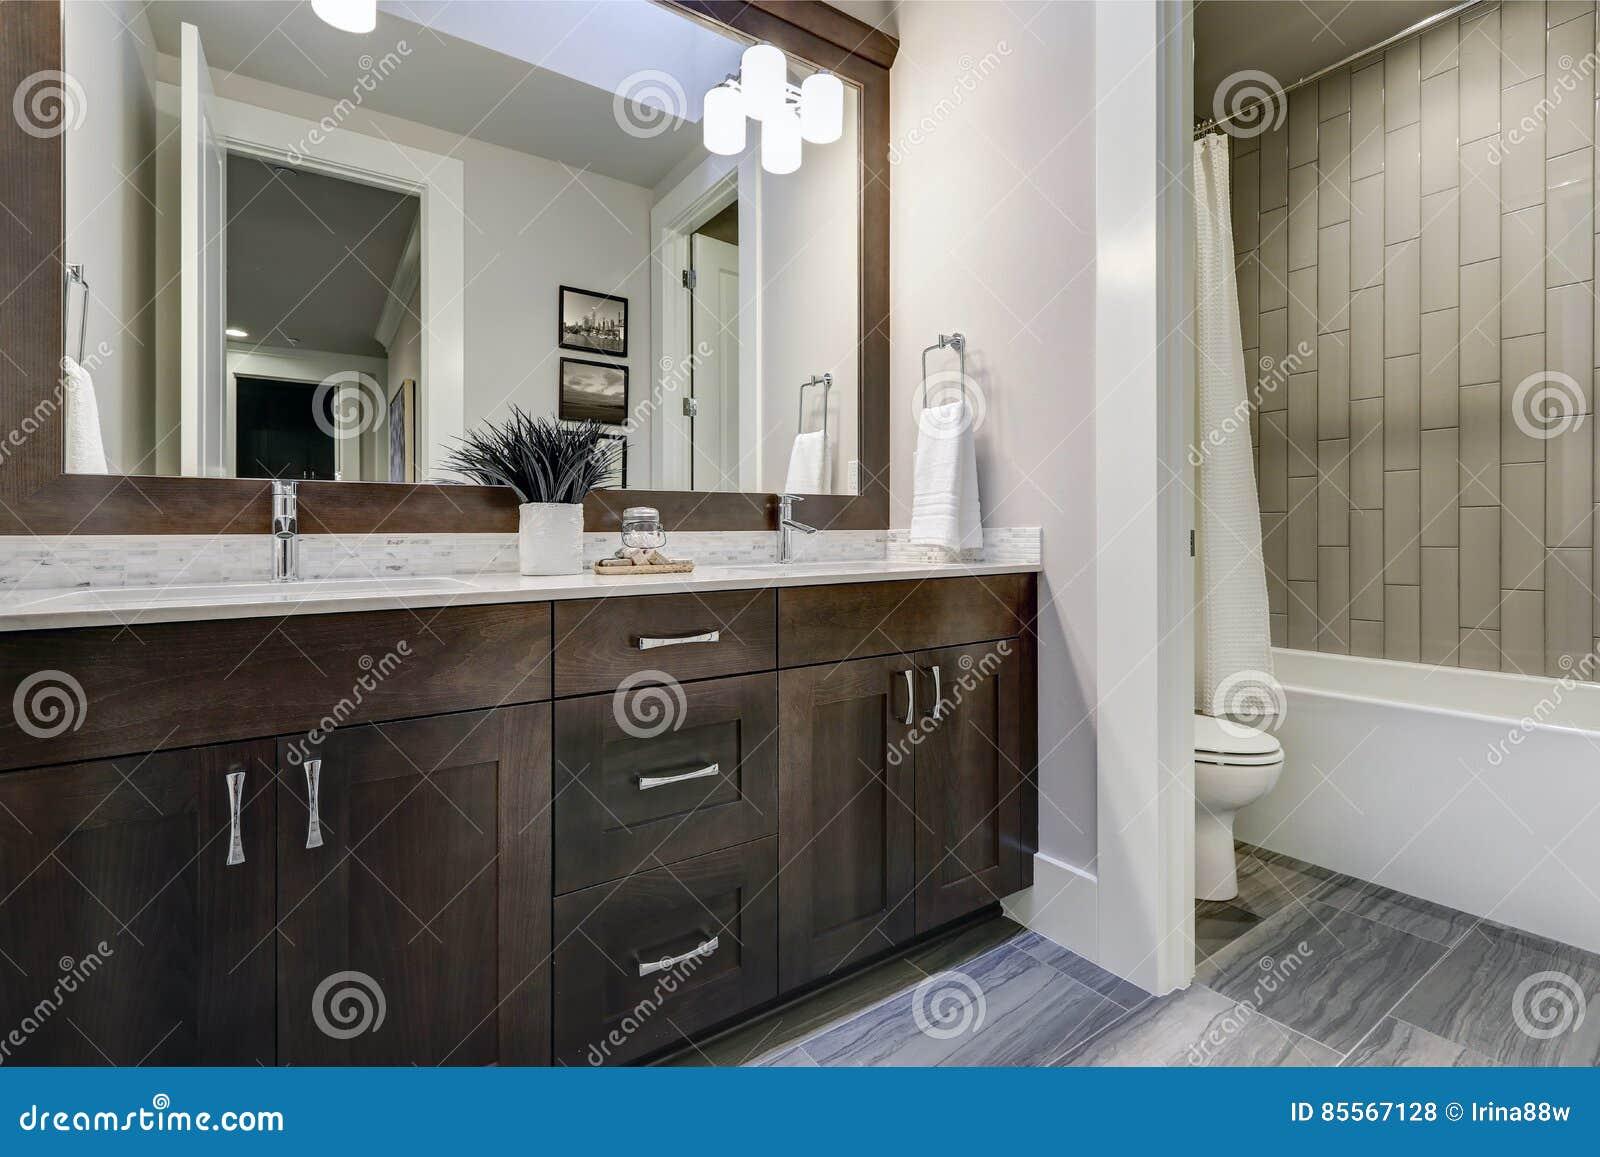 Chambre Parentale Avec Salle De Bain Et Dressing Plan ~ La Salle De Bains Blanche Et Brune Revendique Un Recoin Rempli De